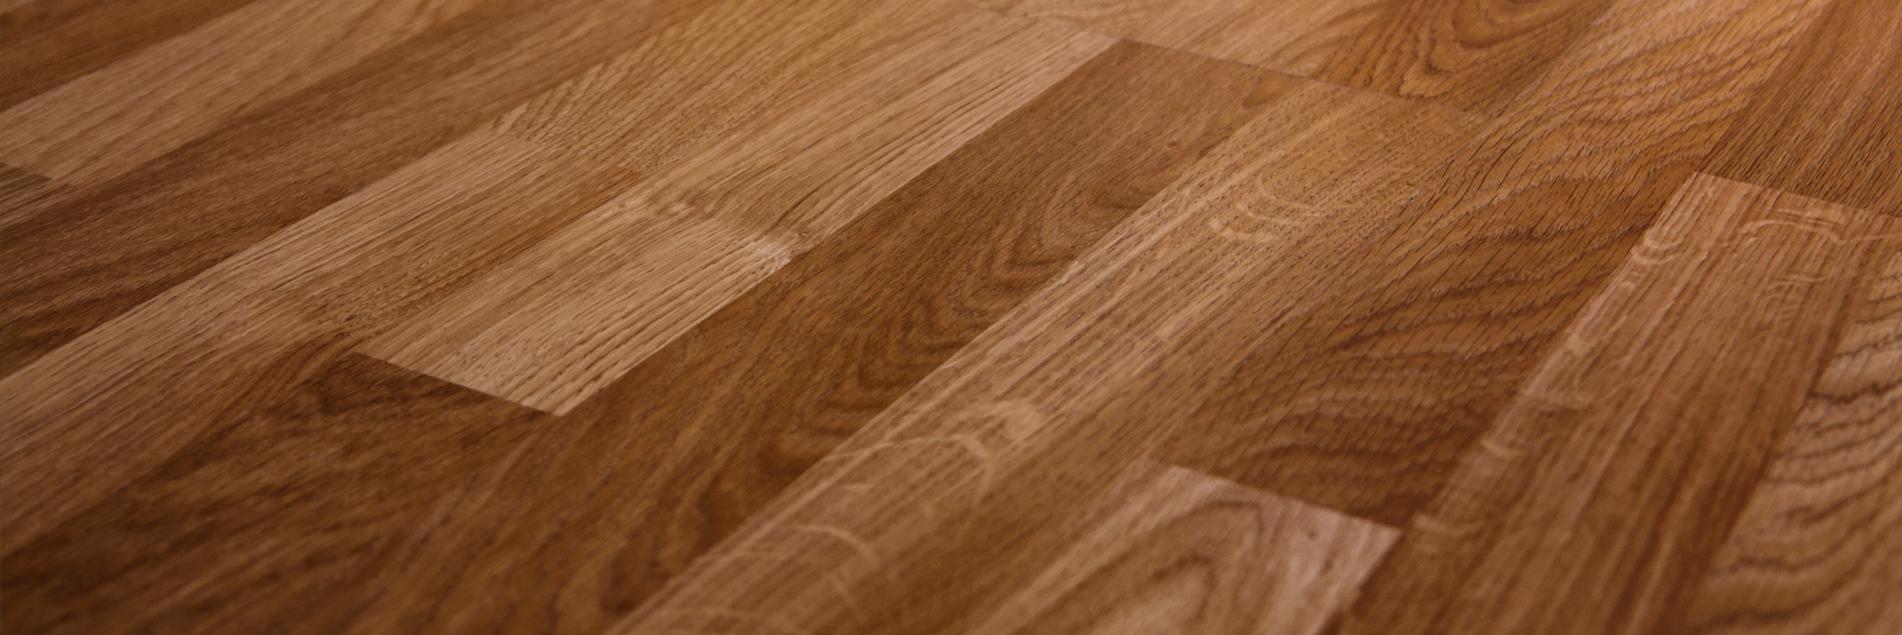 Hardwood Flooring In Duluth Mn, Laminate Flooring Duluth Mn